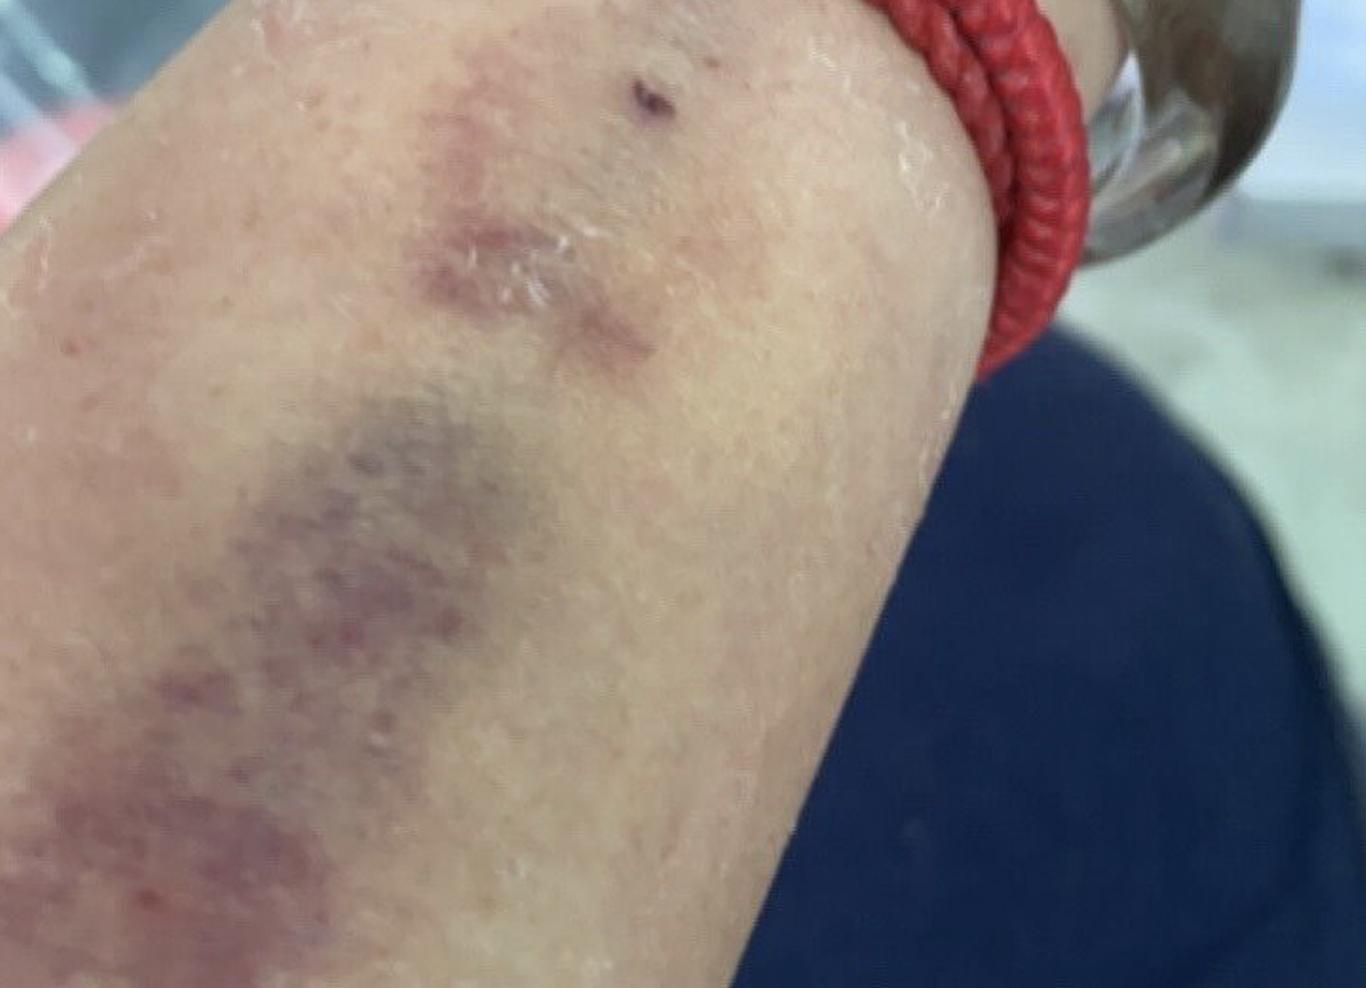 手腳滿滿「巴掌大瘀青」  人妻遭疑家暴?其實是C肝引發致命危險